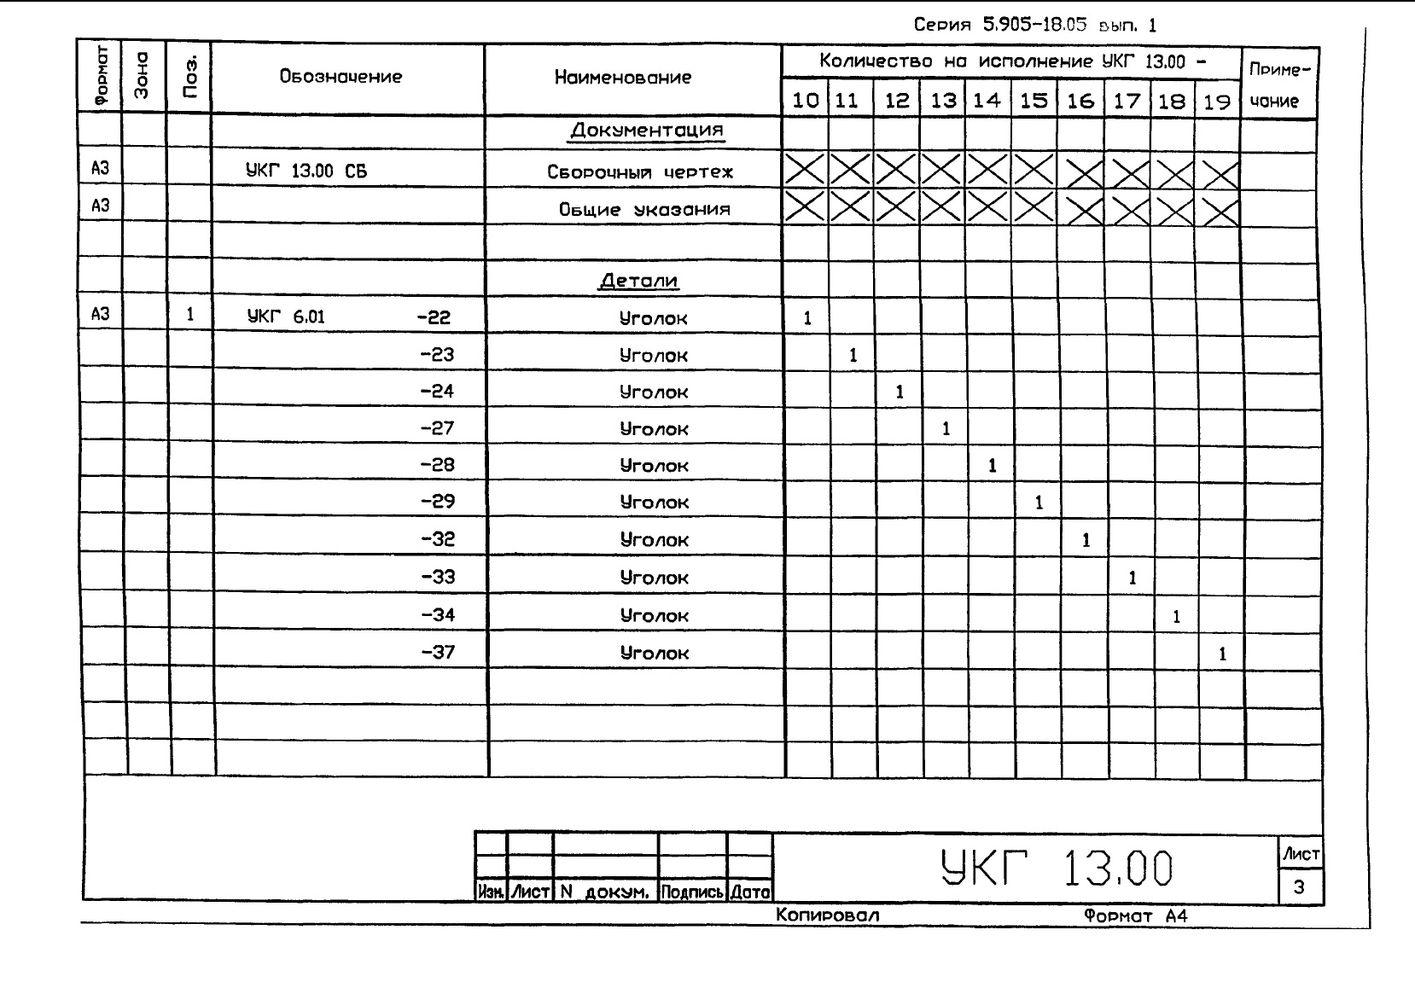 Крепление вспомогательного газопровода к основному УКГ 13.00 СБ серия 5.905-18.05 выпуск 1 стр.4